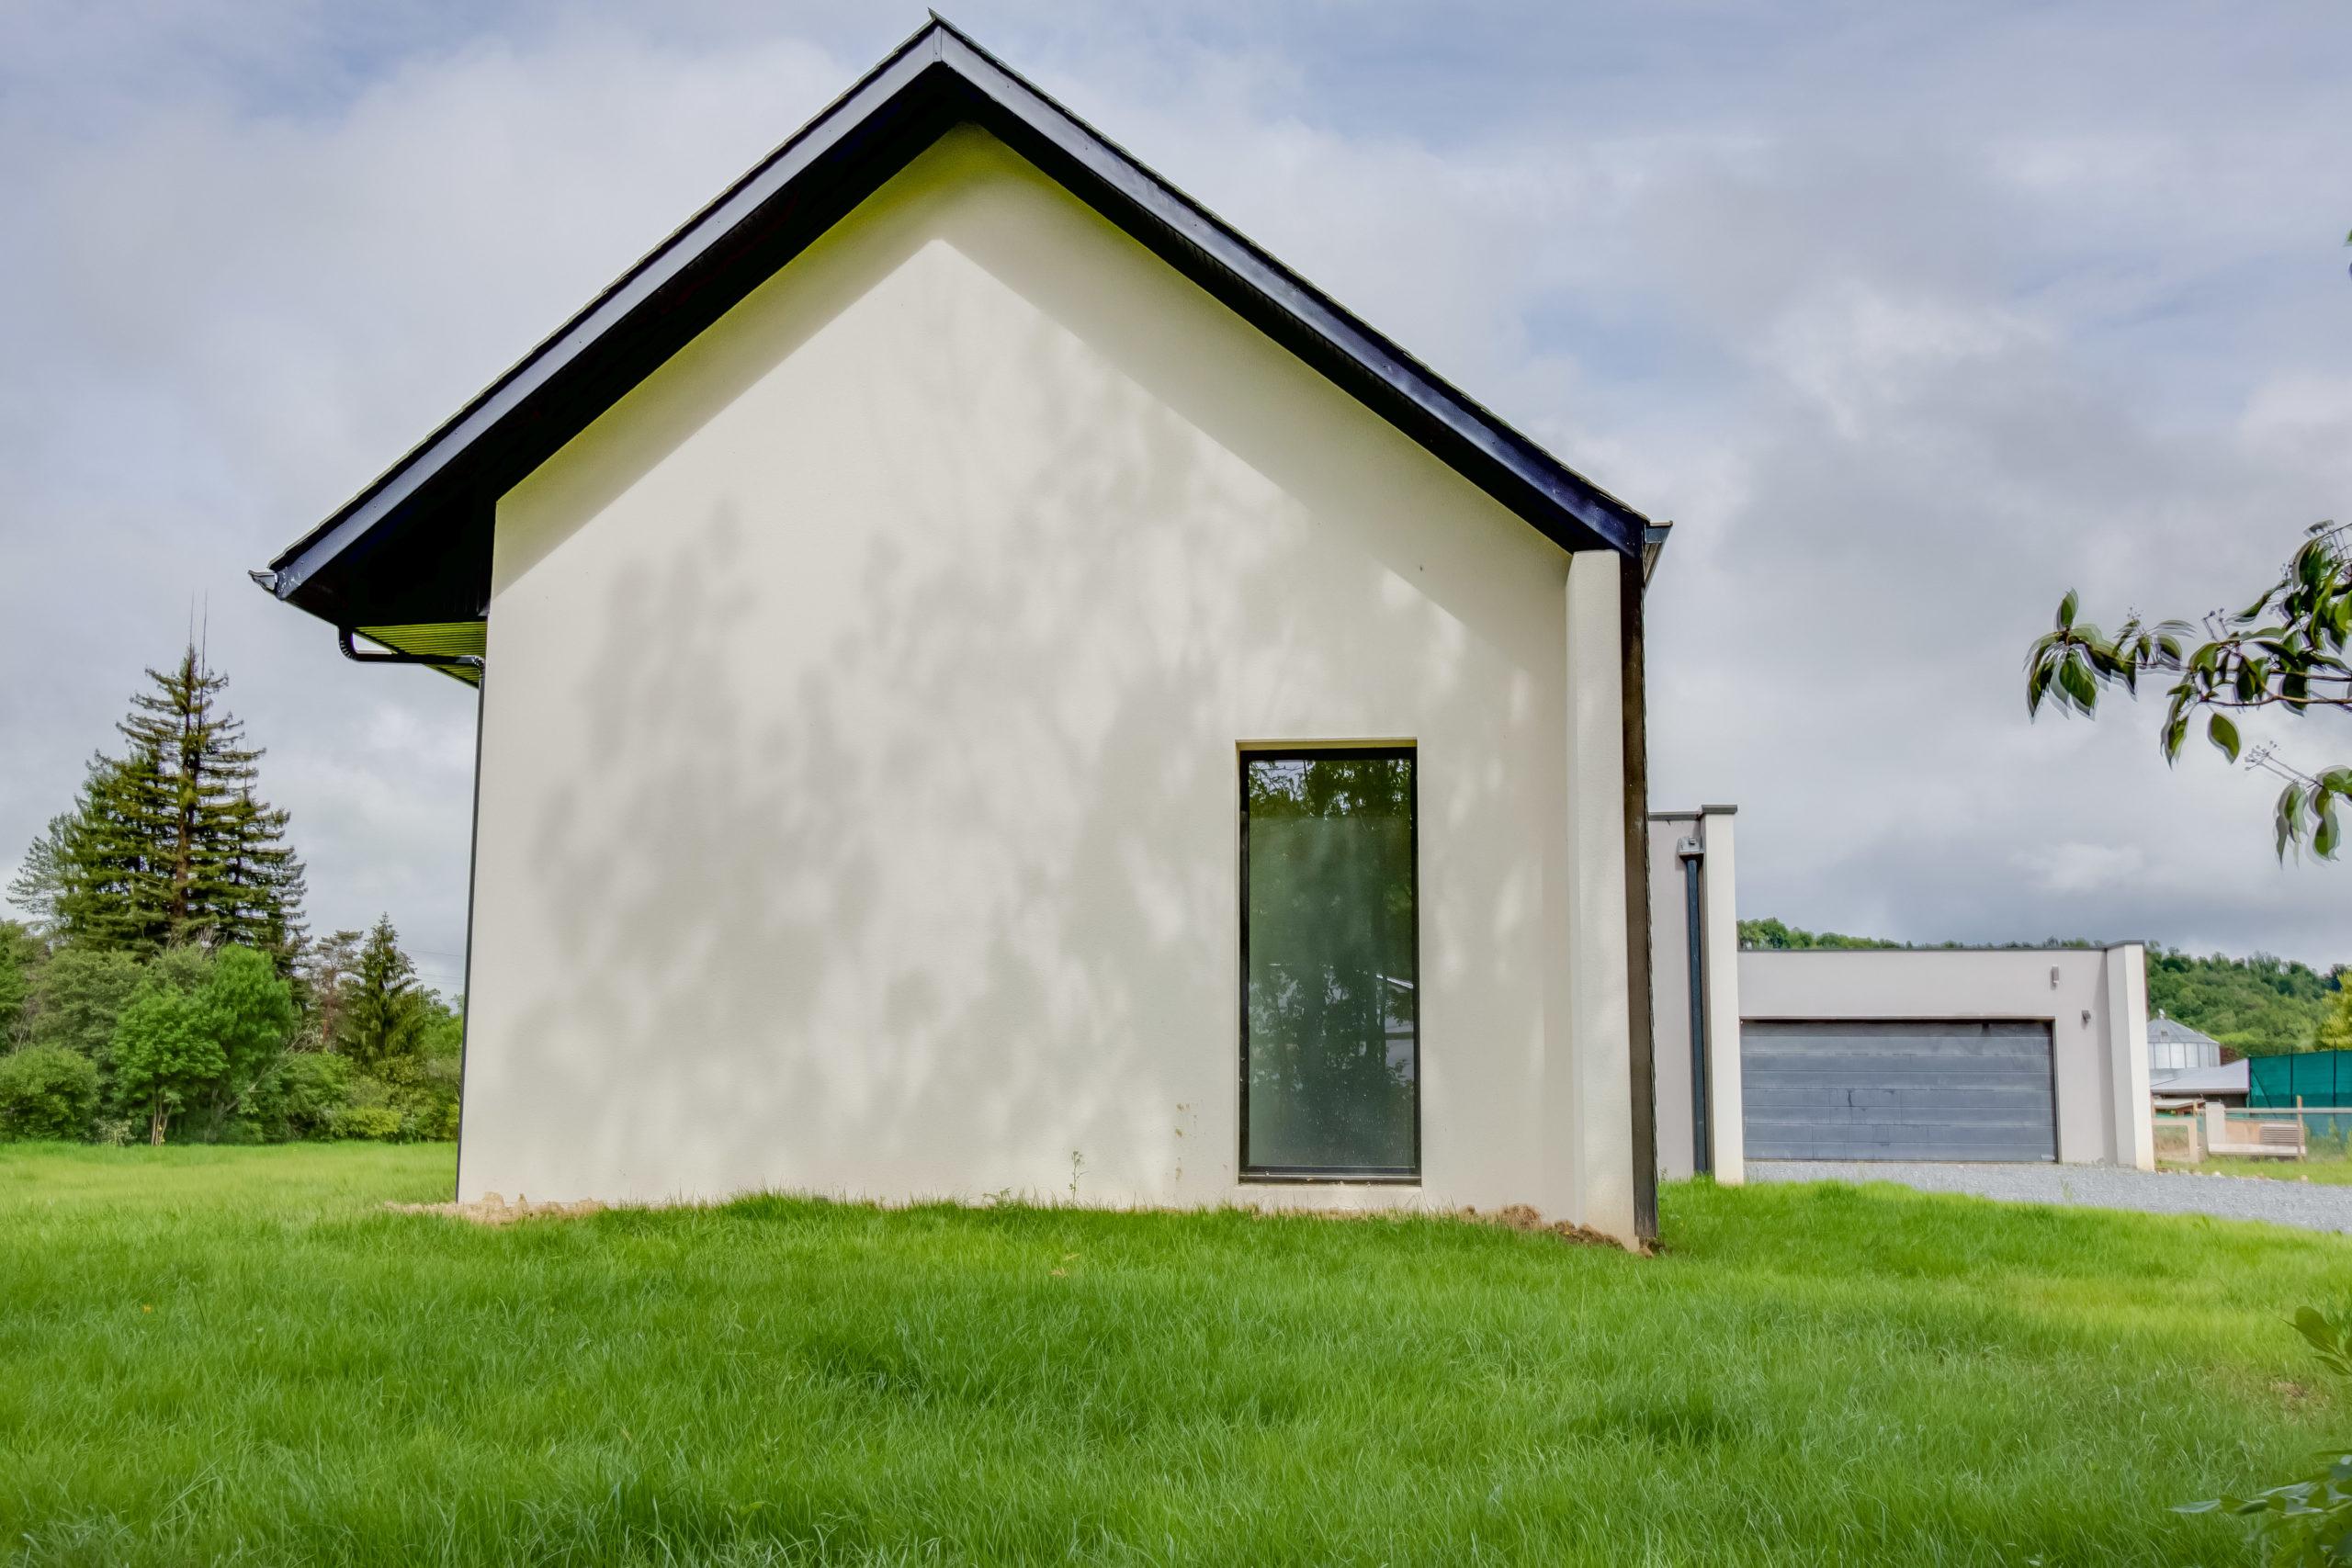 Atelier-Plurielles-architectures-construction-maison-Bearn-vue de coté